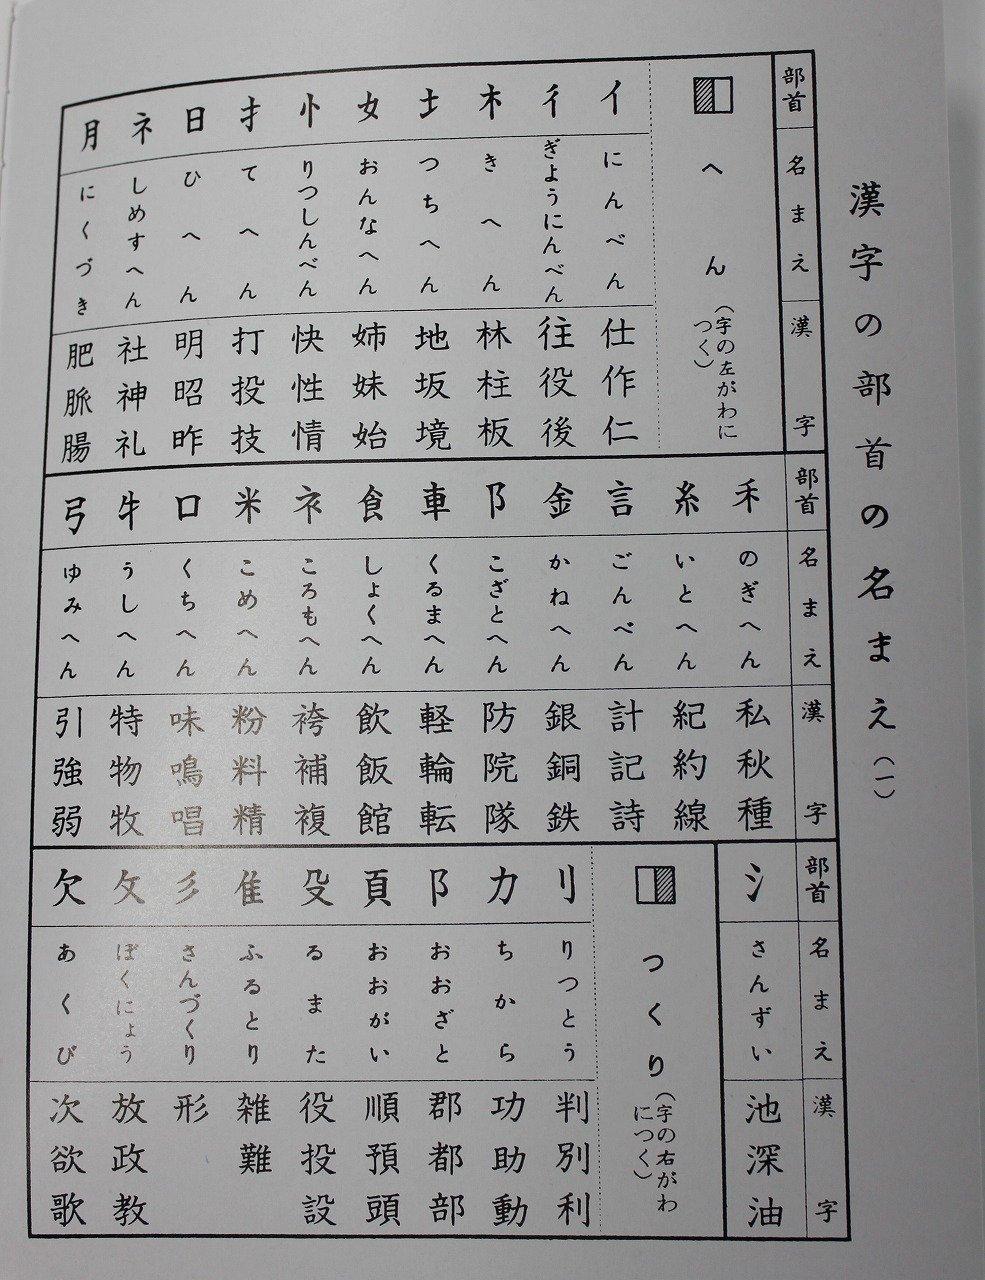 「二百字帳」の中身。部首名が書かれており何かと機能的だ